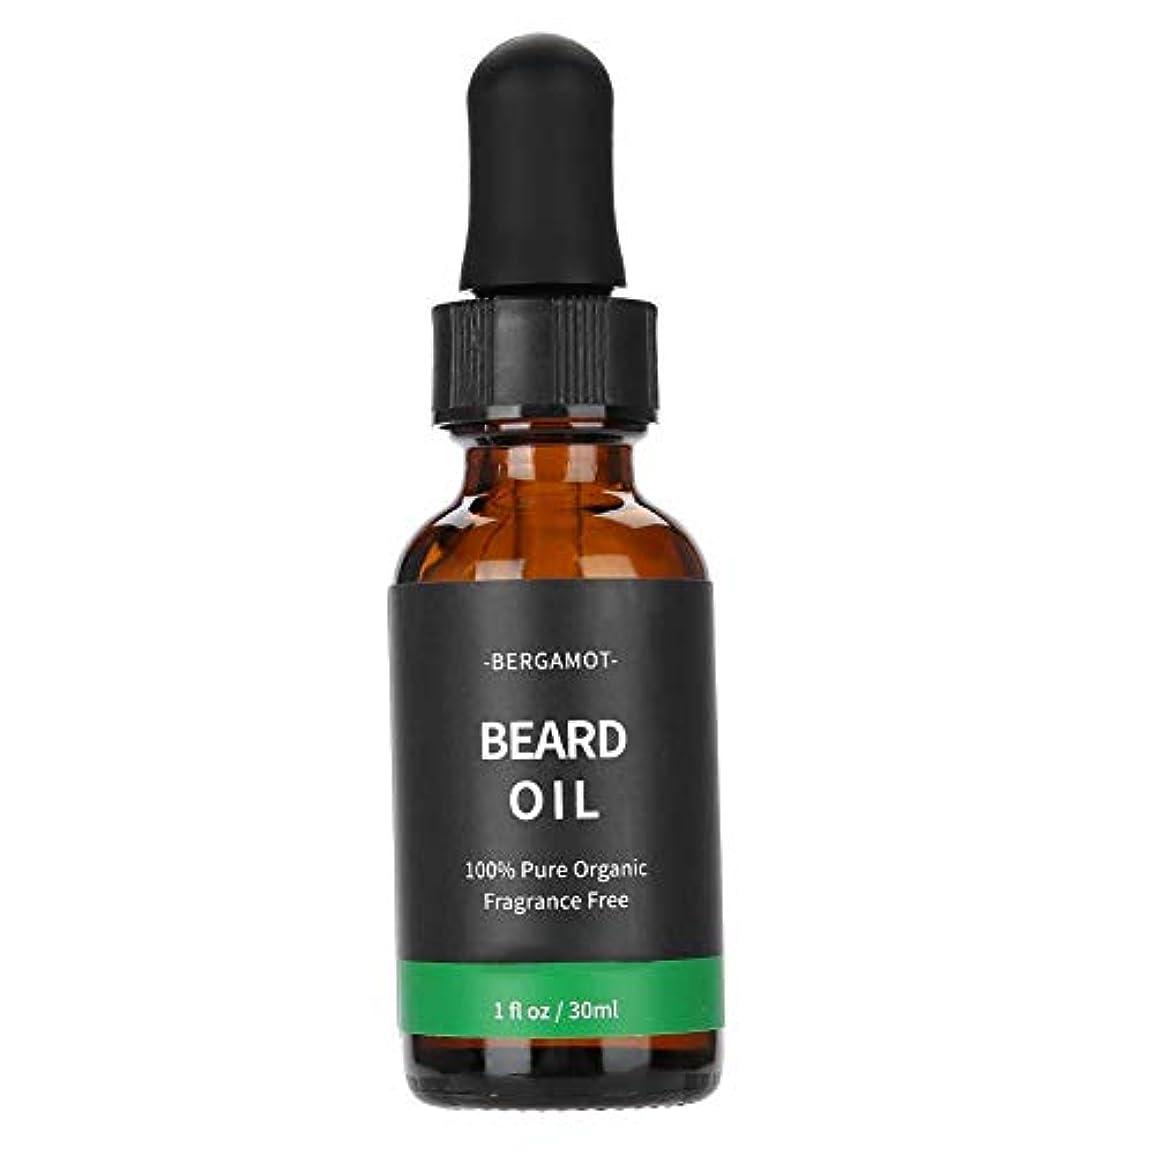 引き潮設計図リボンひげのコンディショナーおよびオイル、ふけを減らすためのアルガンオイルおよびヒマラヤスギオイルが含まれています男性のためのひげおよび口ひげを柔らかくし、増強します